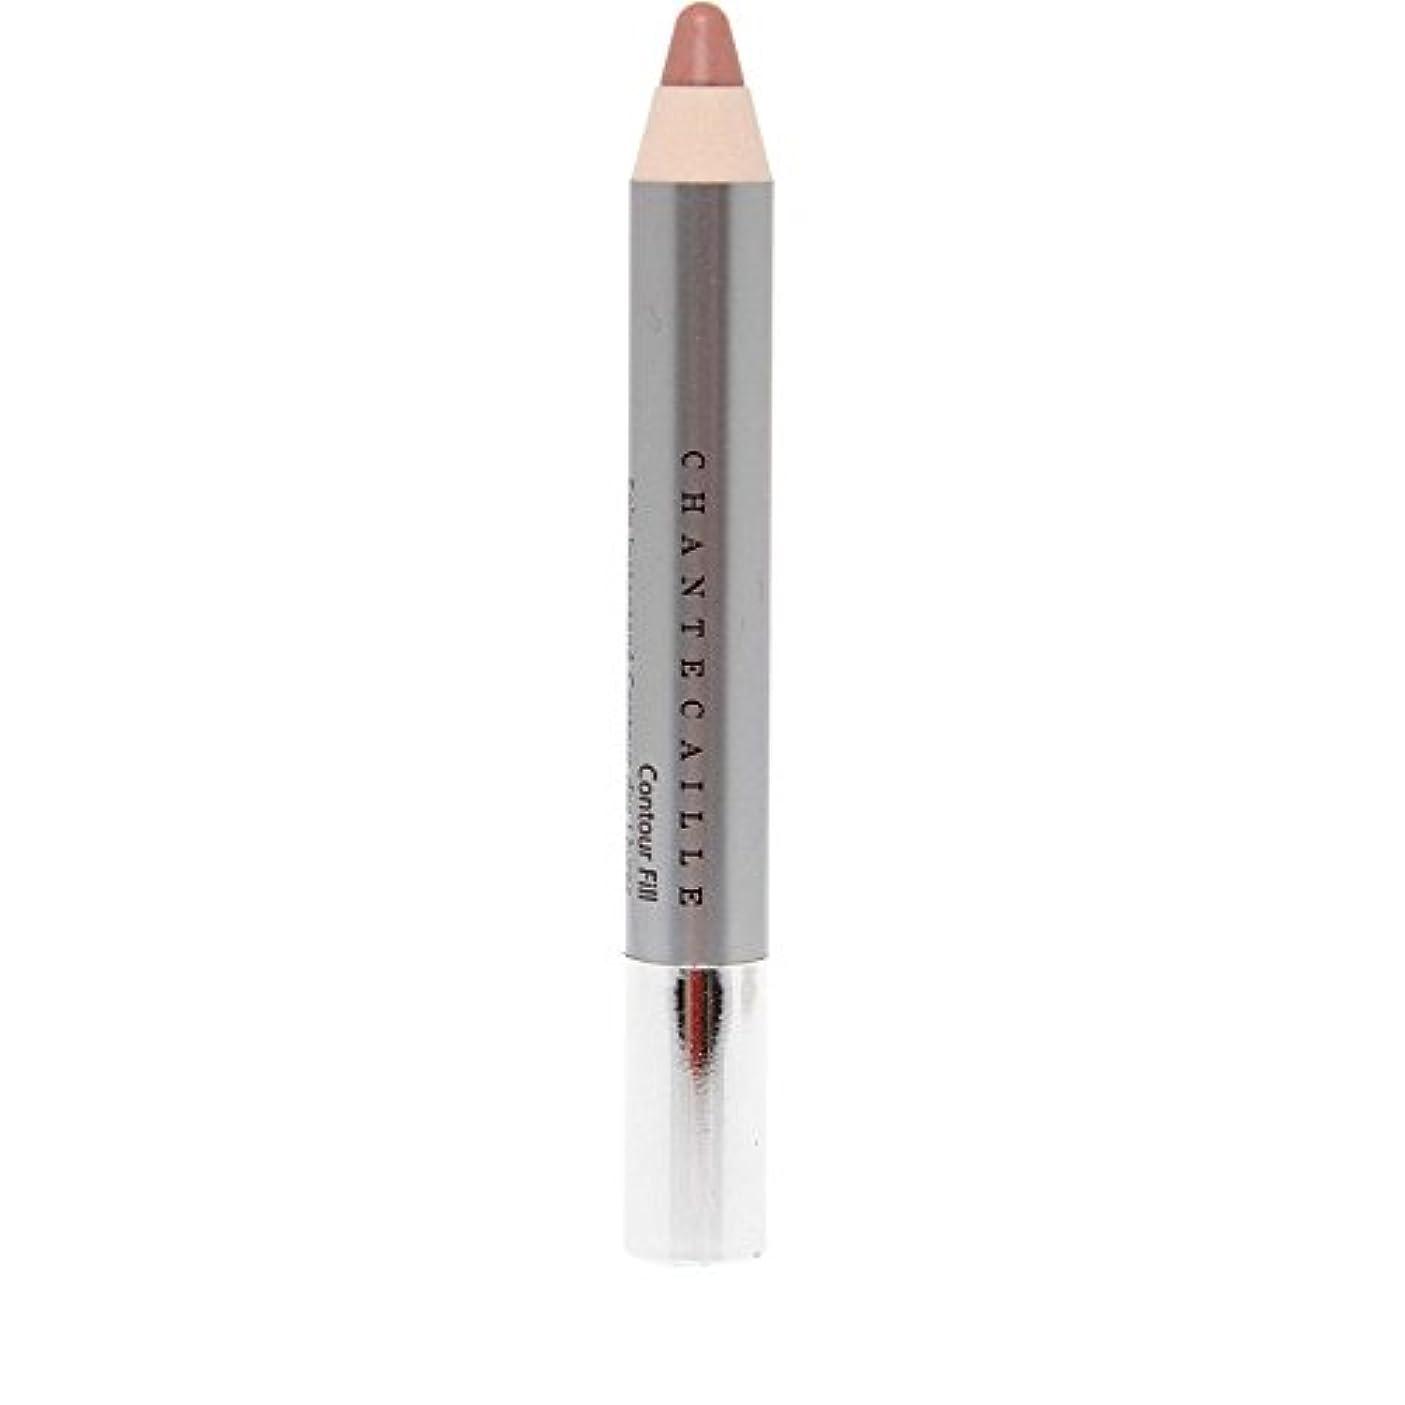 勝つ社交的のシャンテカイユリップ輪郭フィル鉛筆 x4 - Chantecaille Lip Contour Fill Pencil (Pack of 4) [並行輸入品]